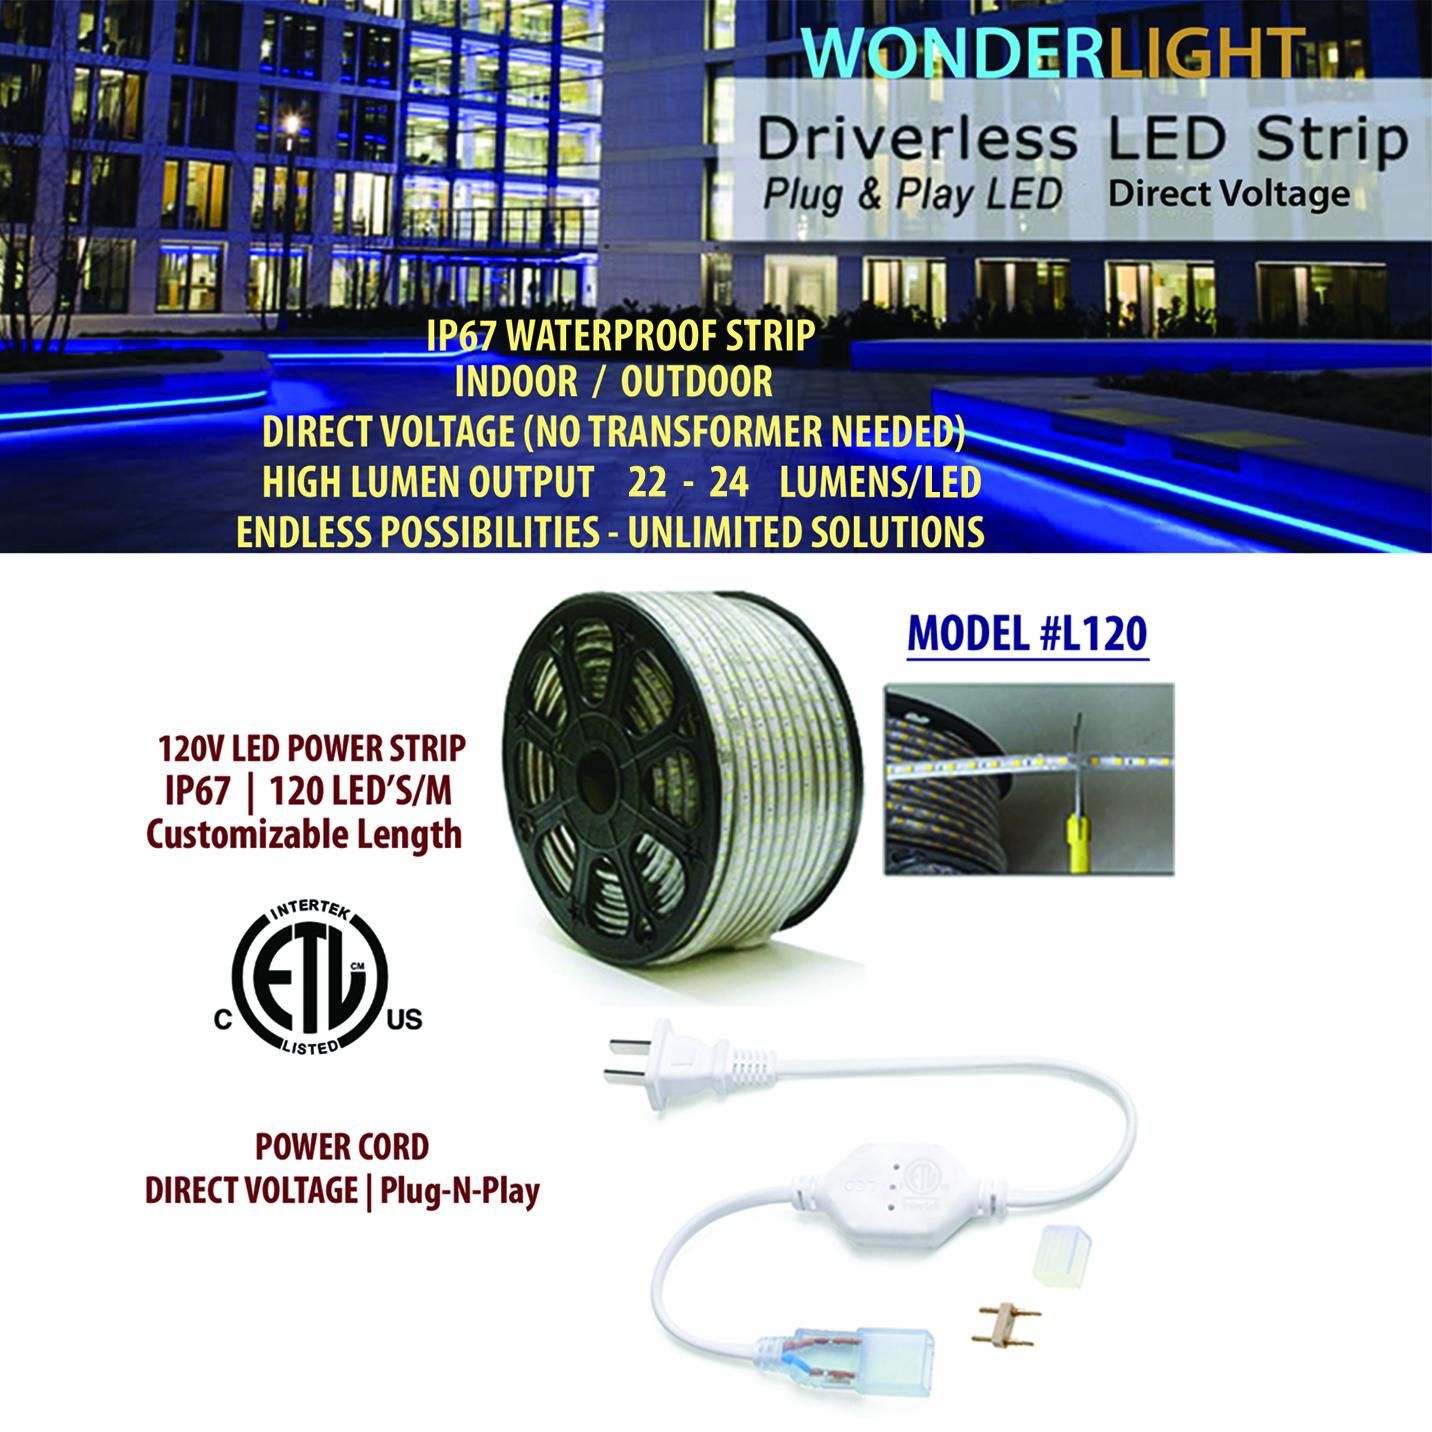 WonderLight Web 2